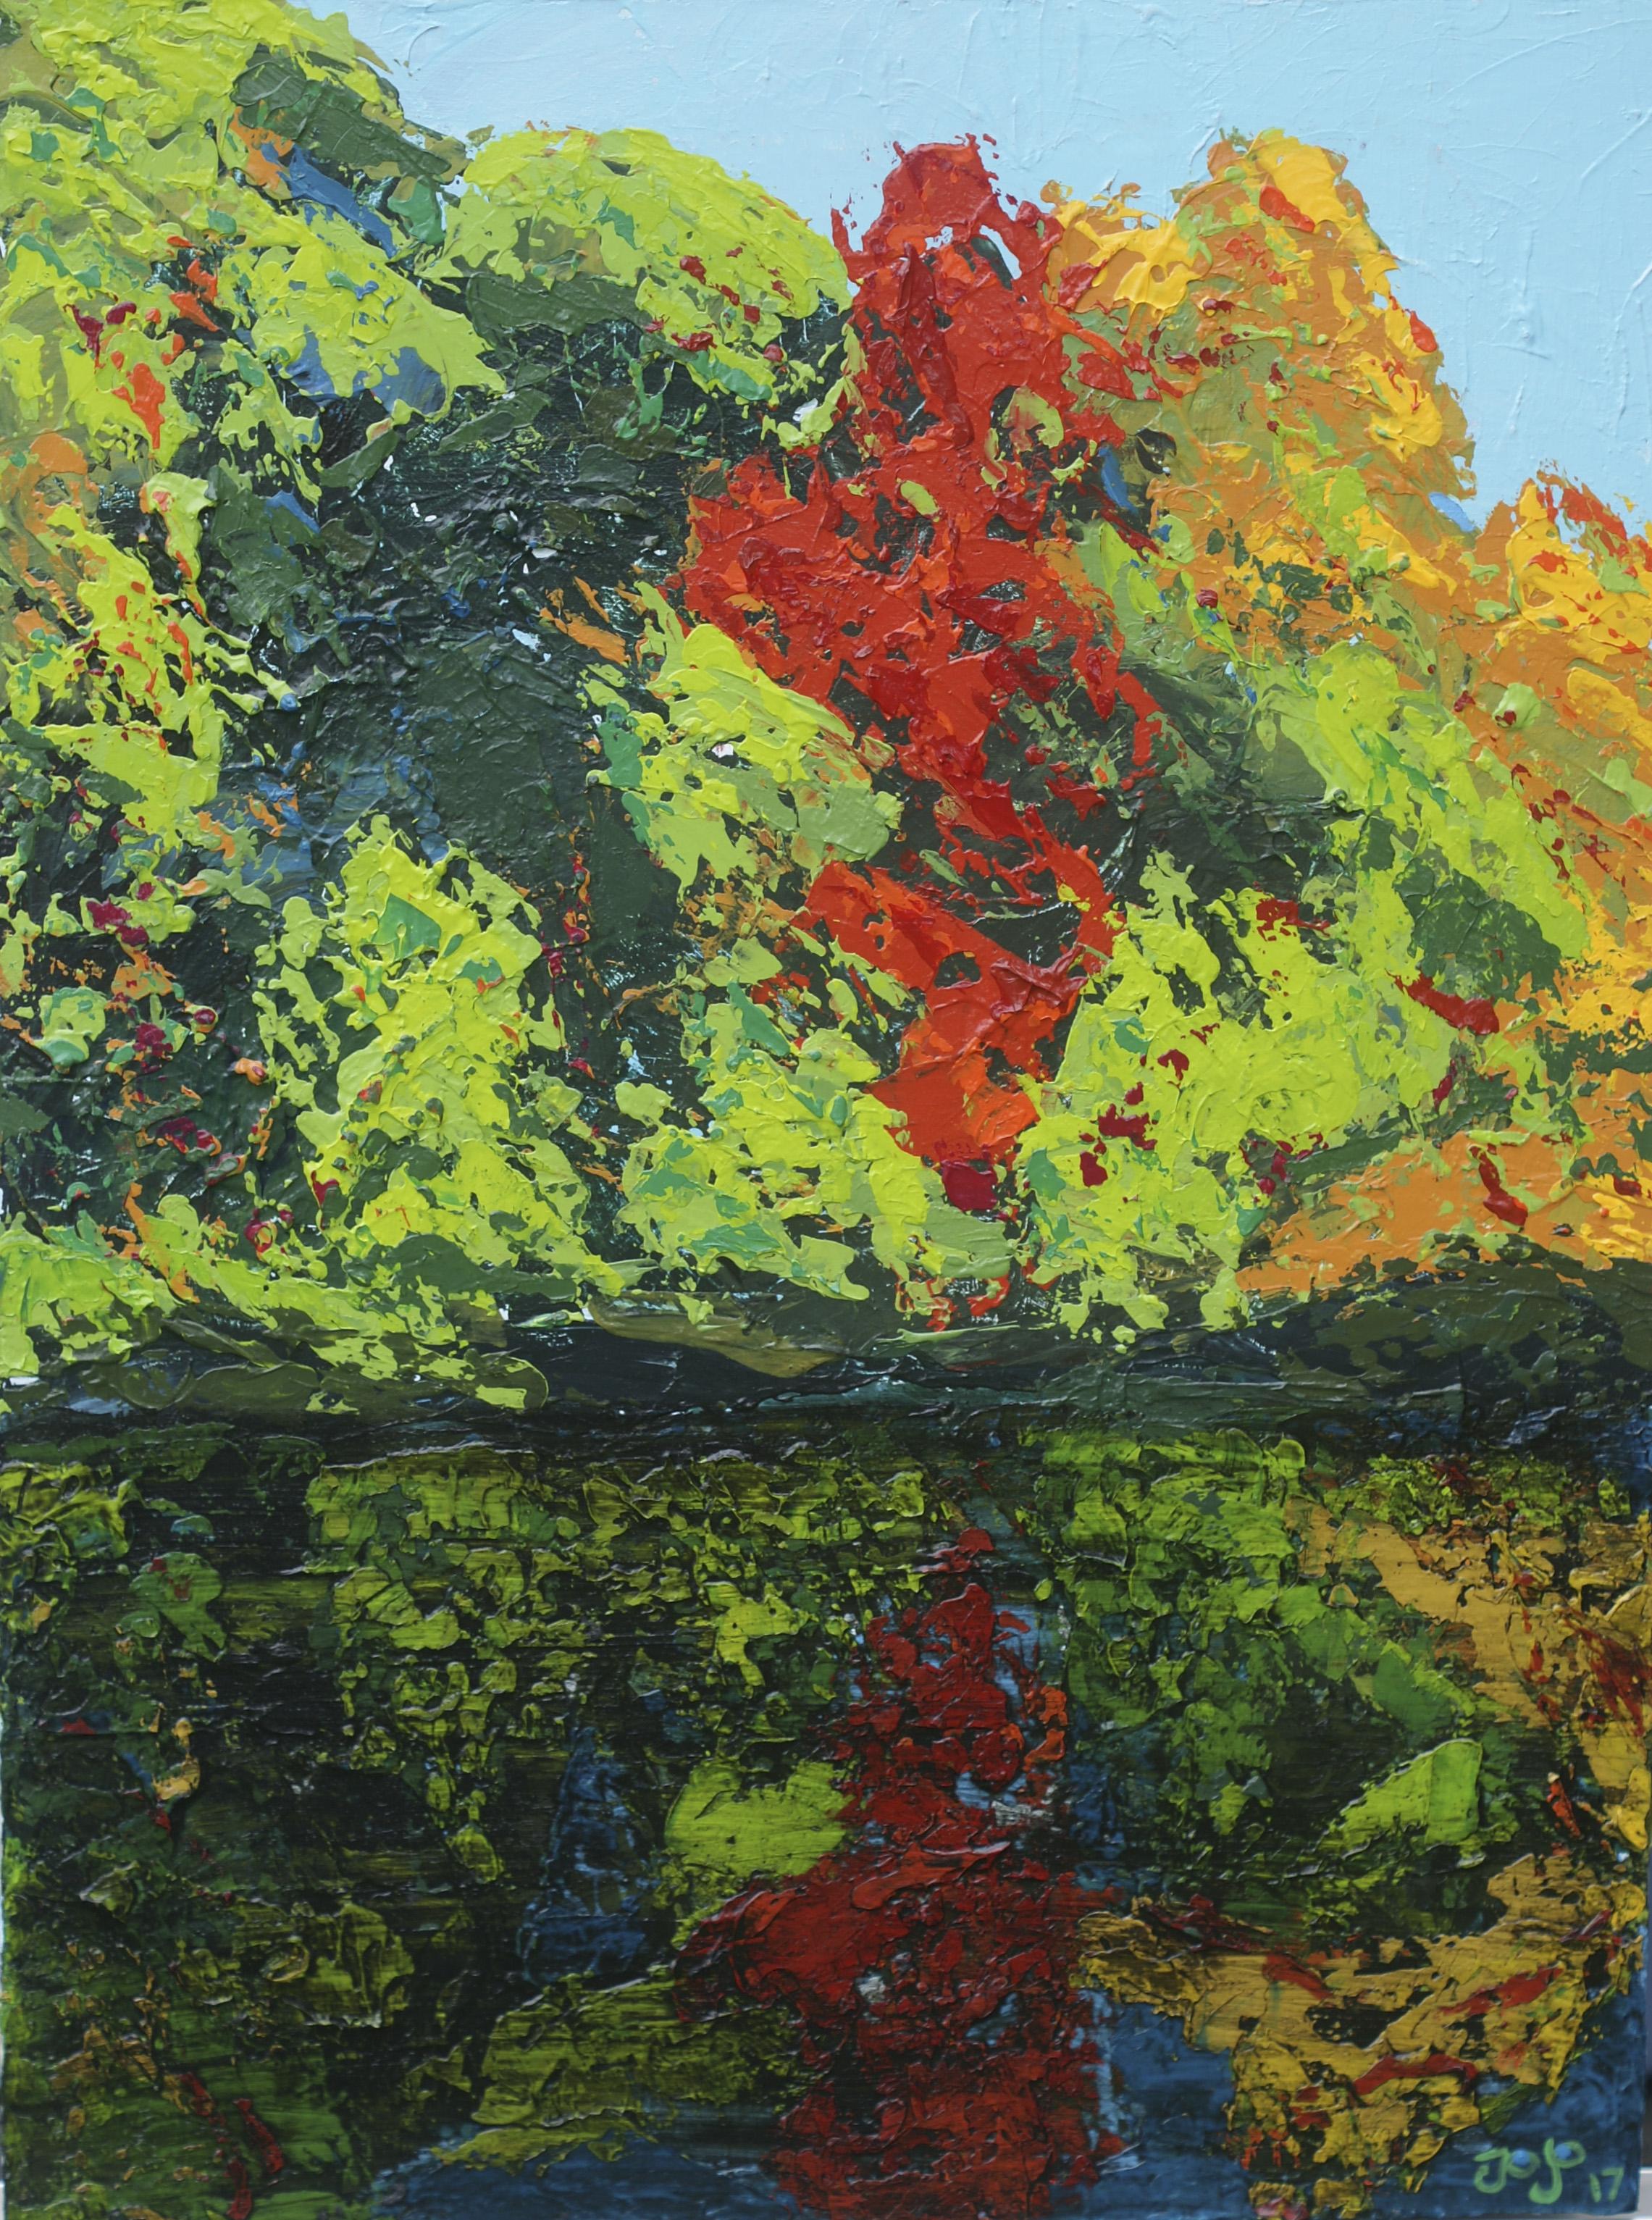 2017 paintings - 1